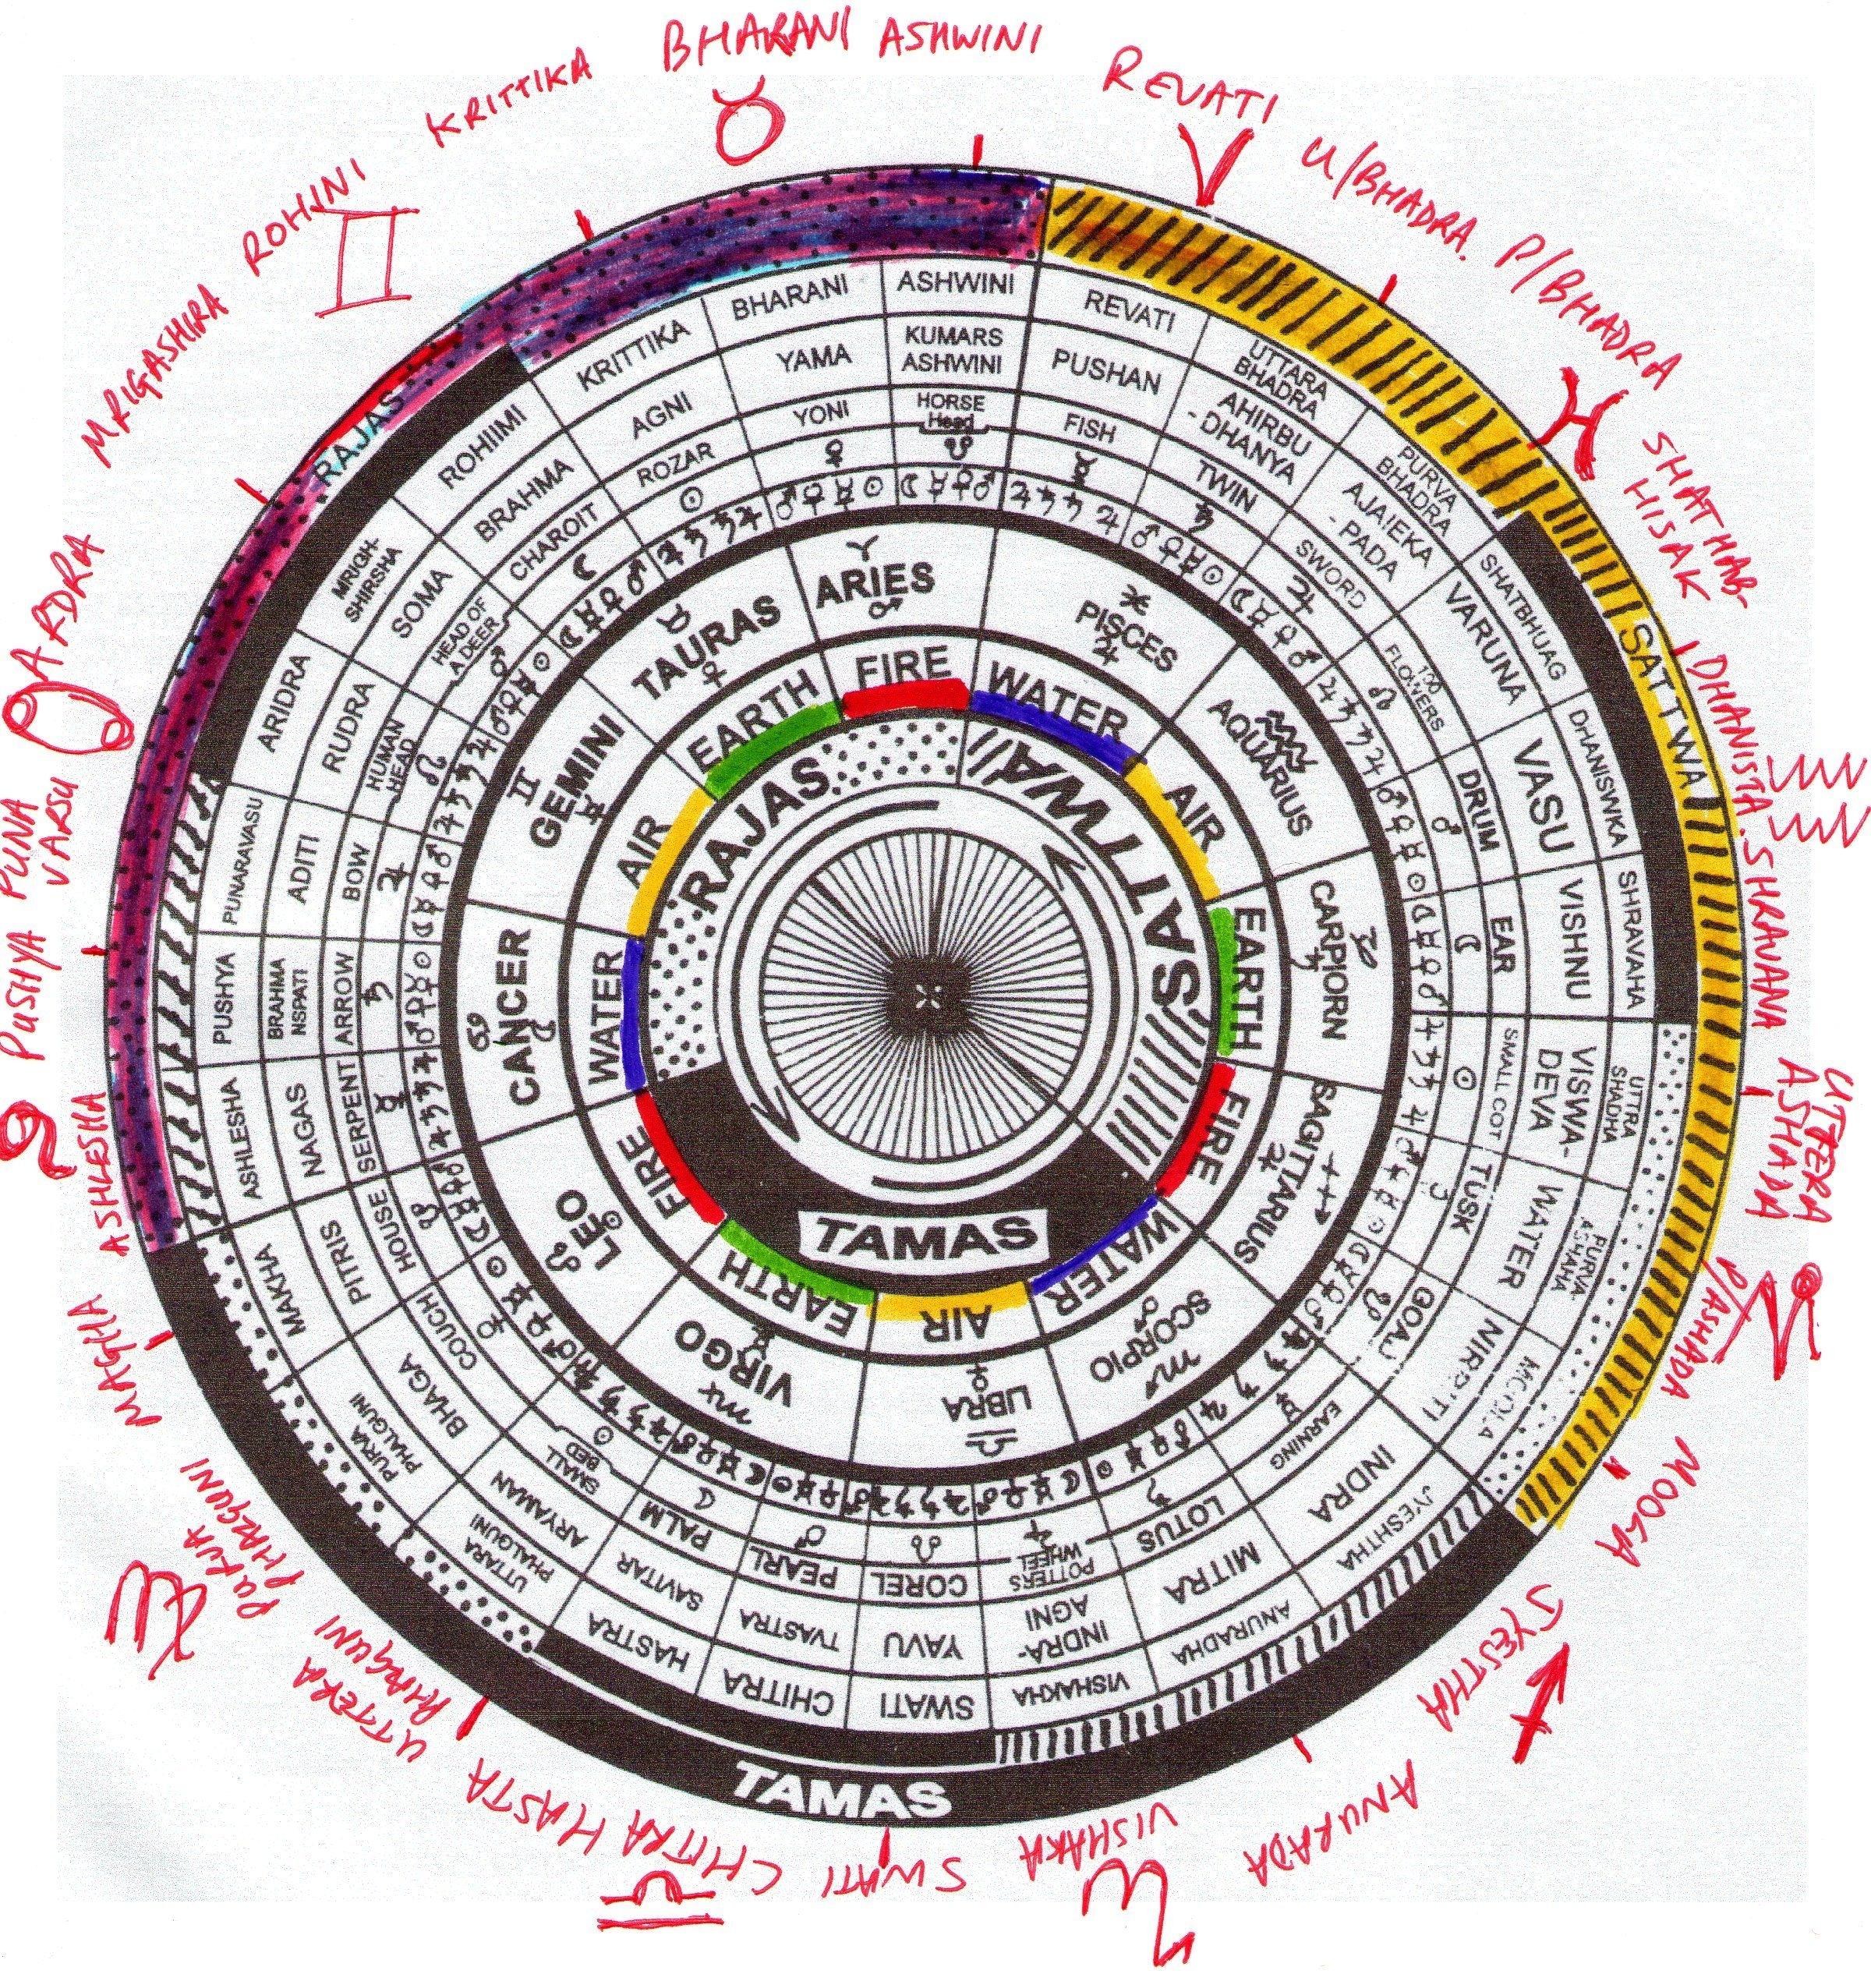 The Lunar Mansions, Or Nakshatras Of Vedic Astrology | Vedic